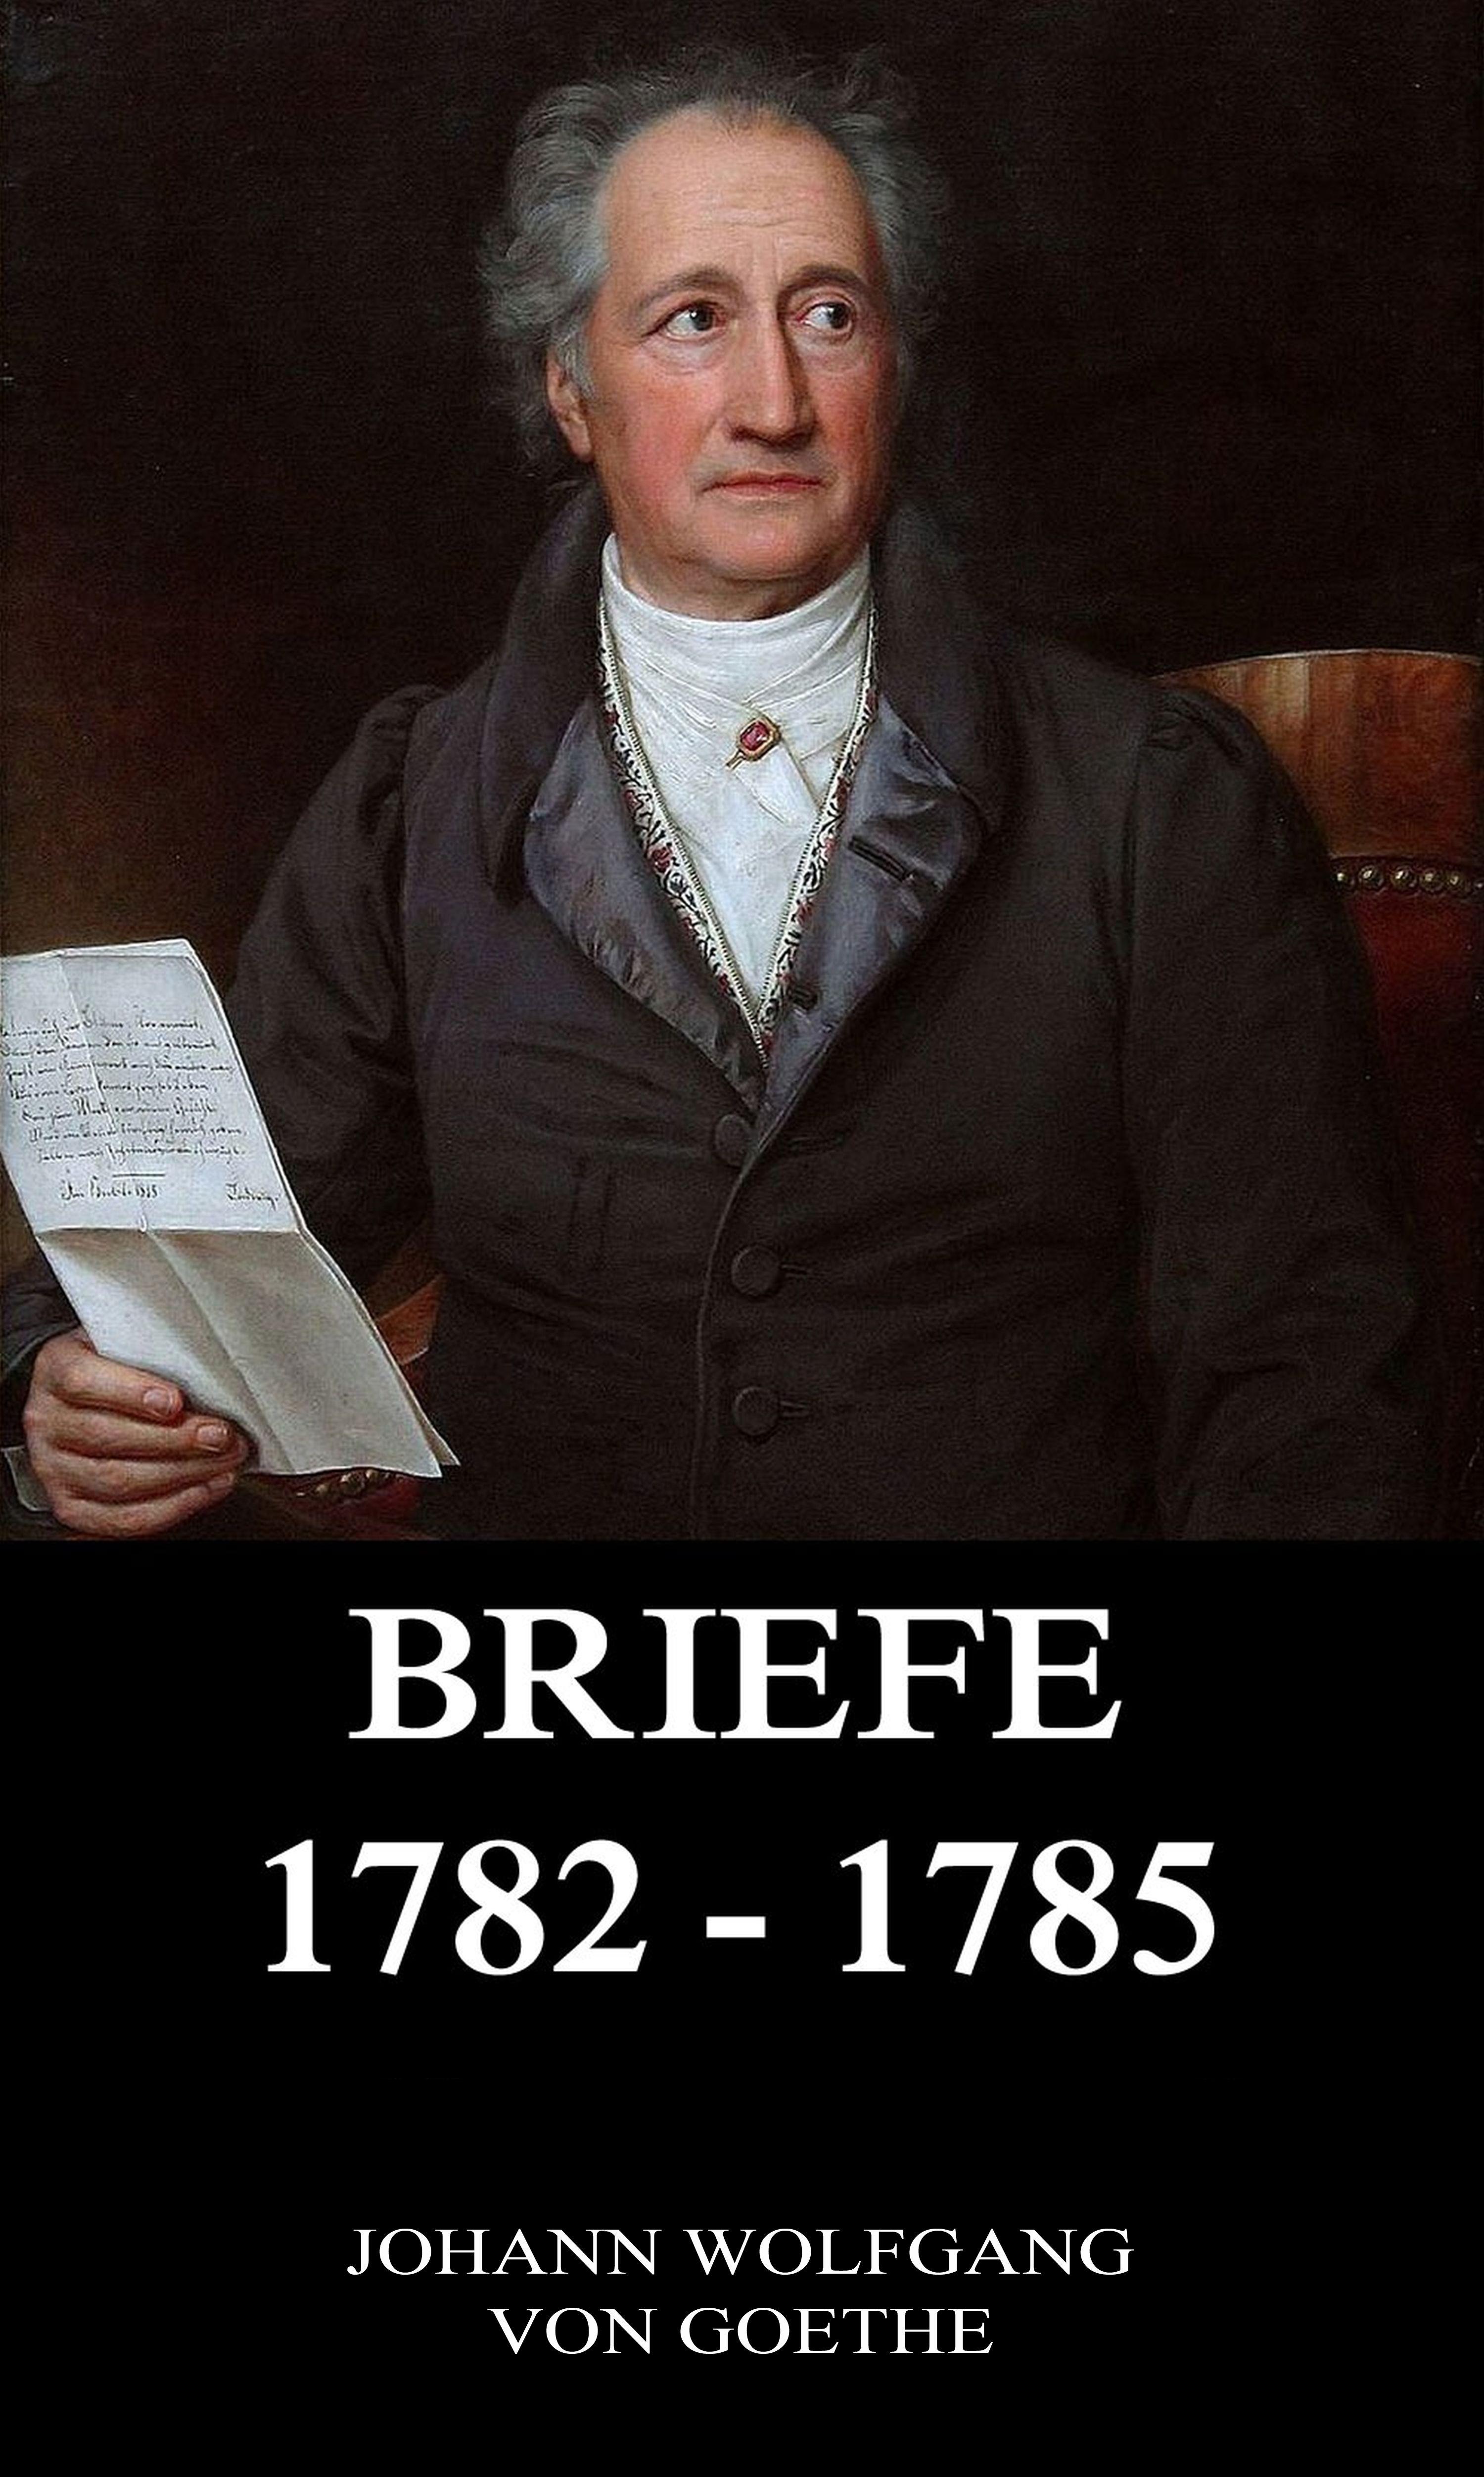 Johann Wolfgang von Goethe Briefe 1782 - 1785